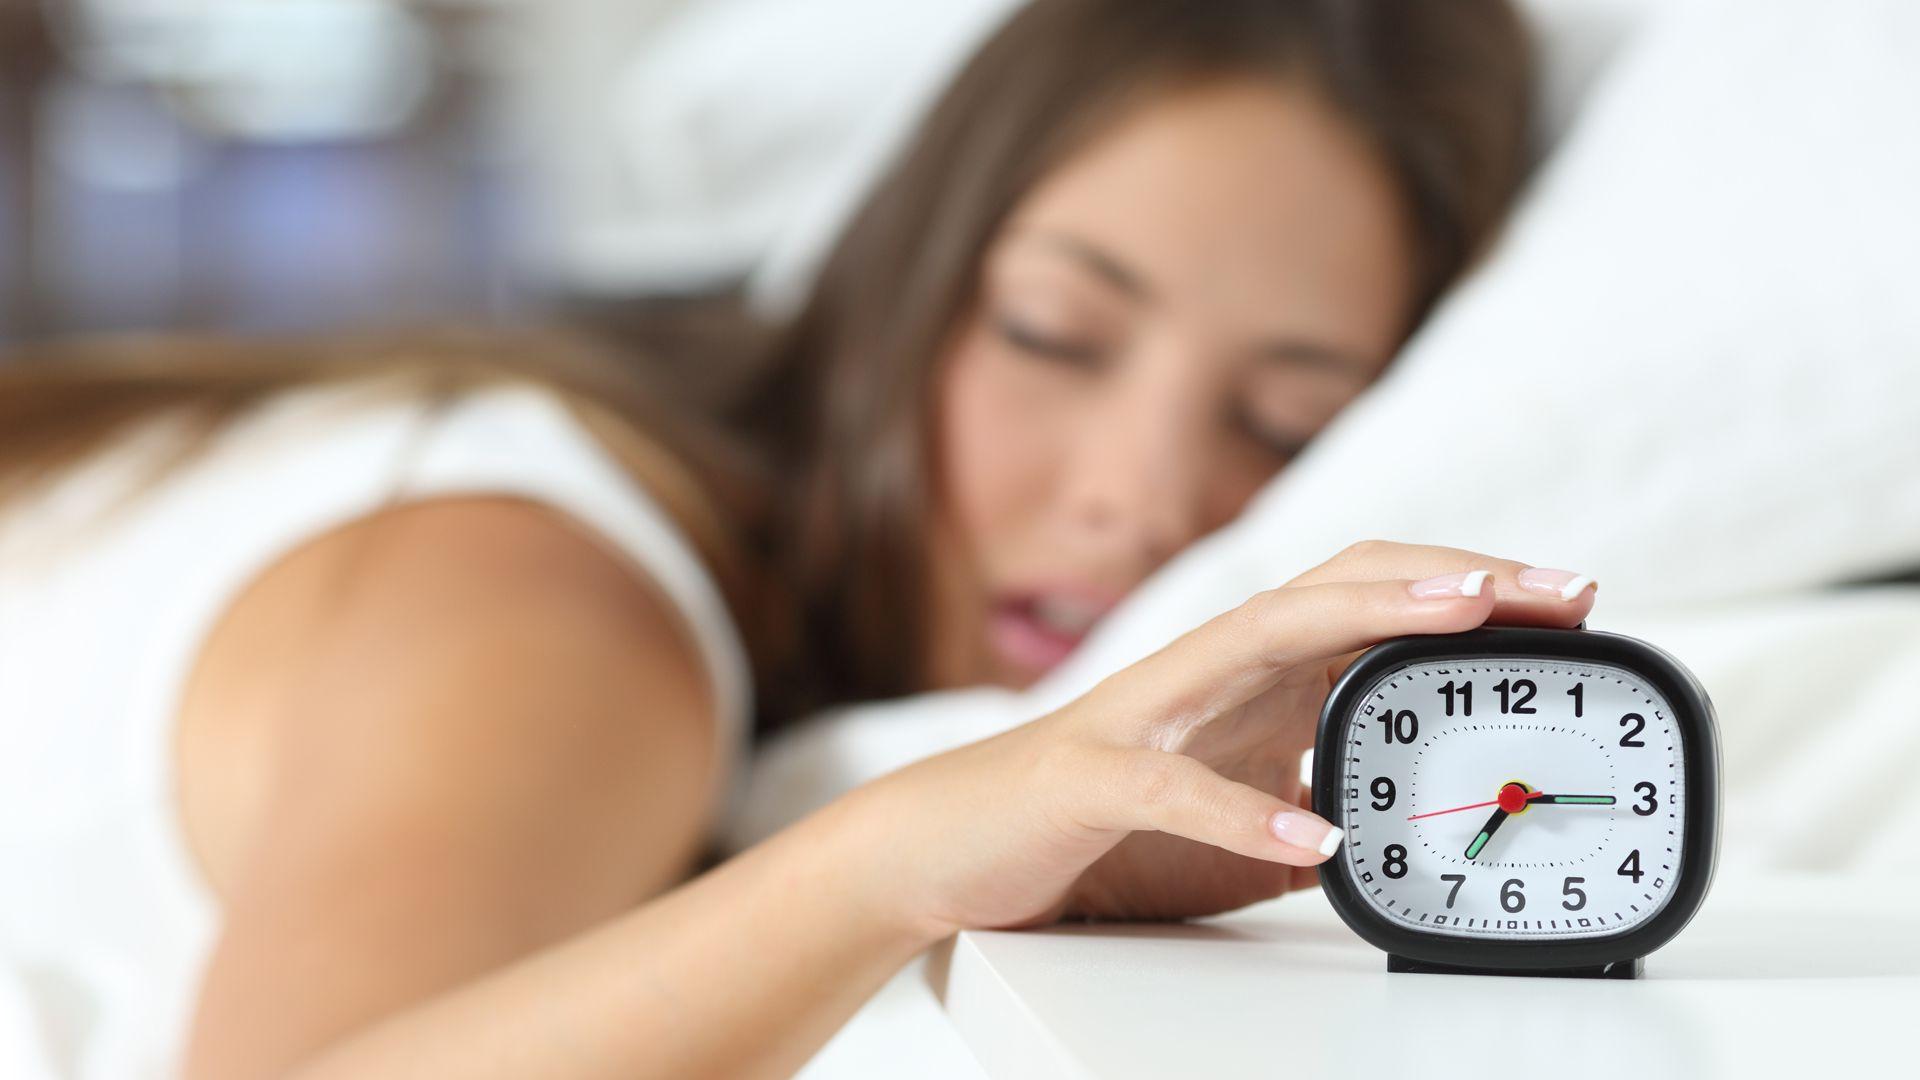 El uso de alarmas melódicas -en particular aquellas que podemos taratear o cantar- podría ser una medida útil para estar más alerta durante el día (Foto: Istock)